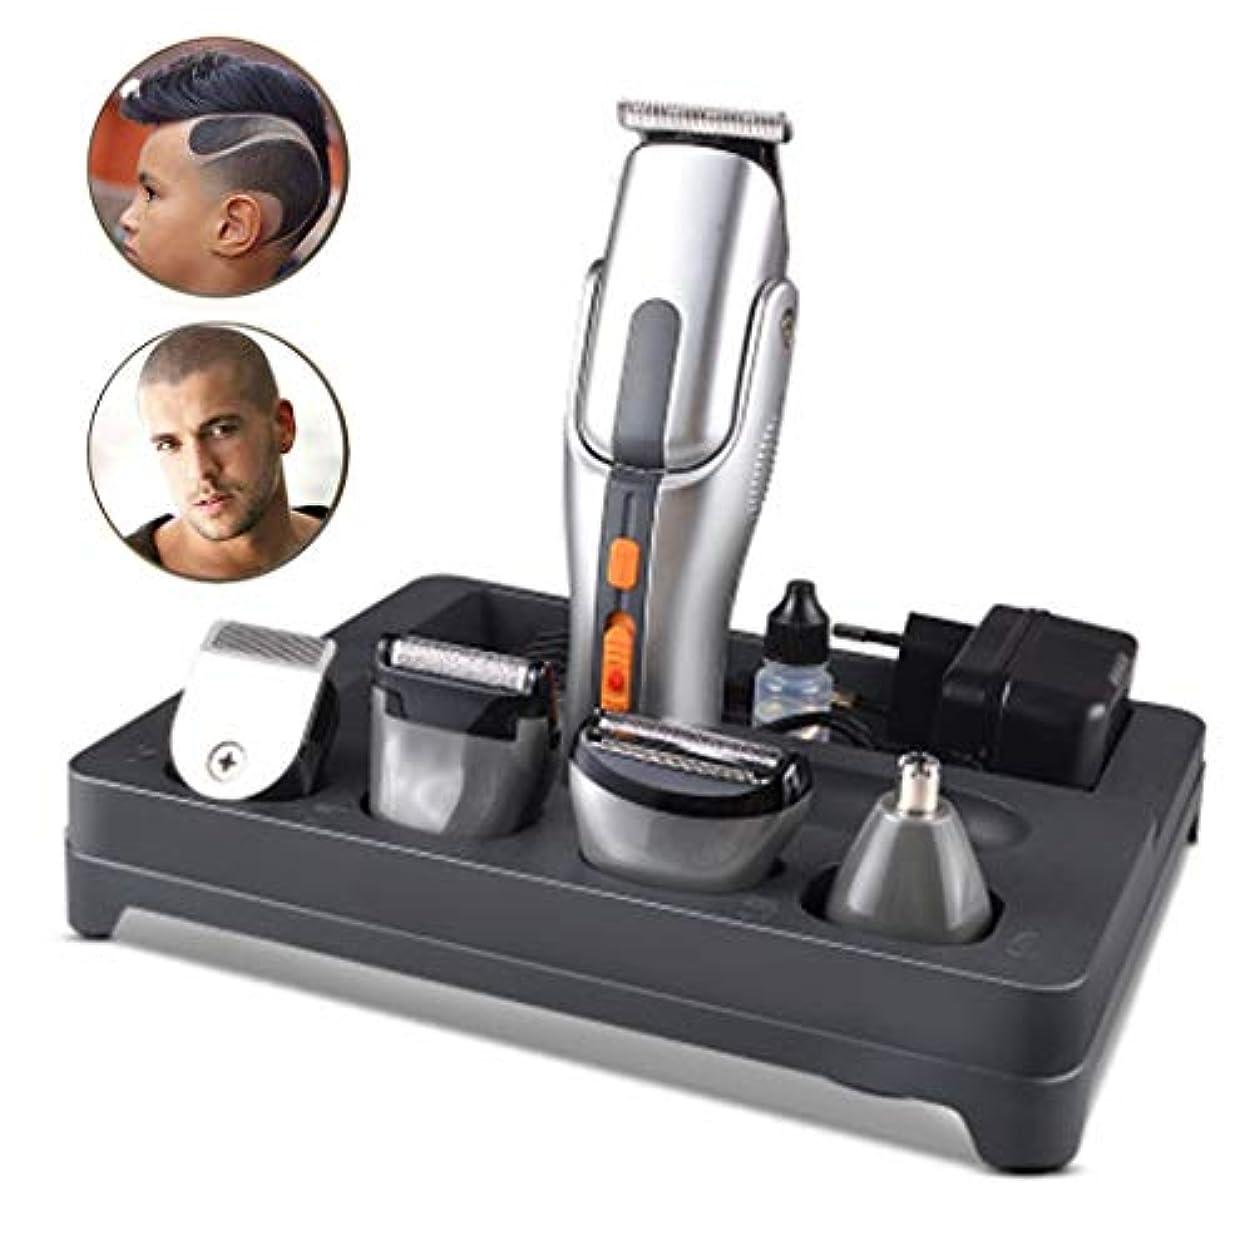 メンズバリカン、男性および家族の使用のための毛剃りの充満の本質的なクリーニングの幼児